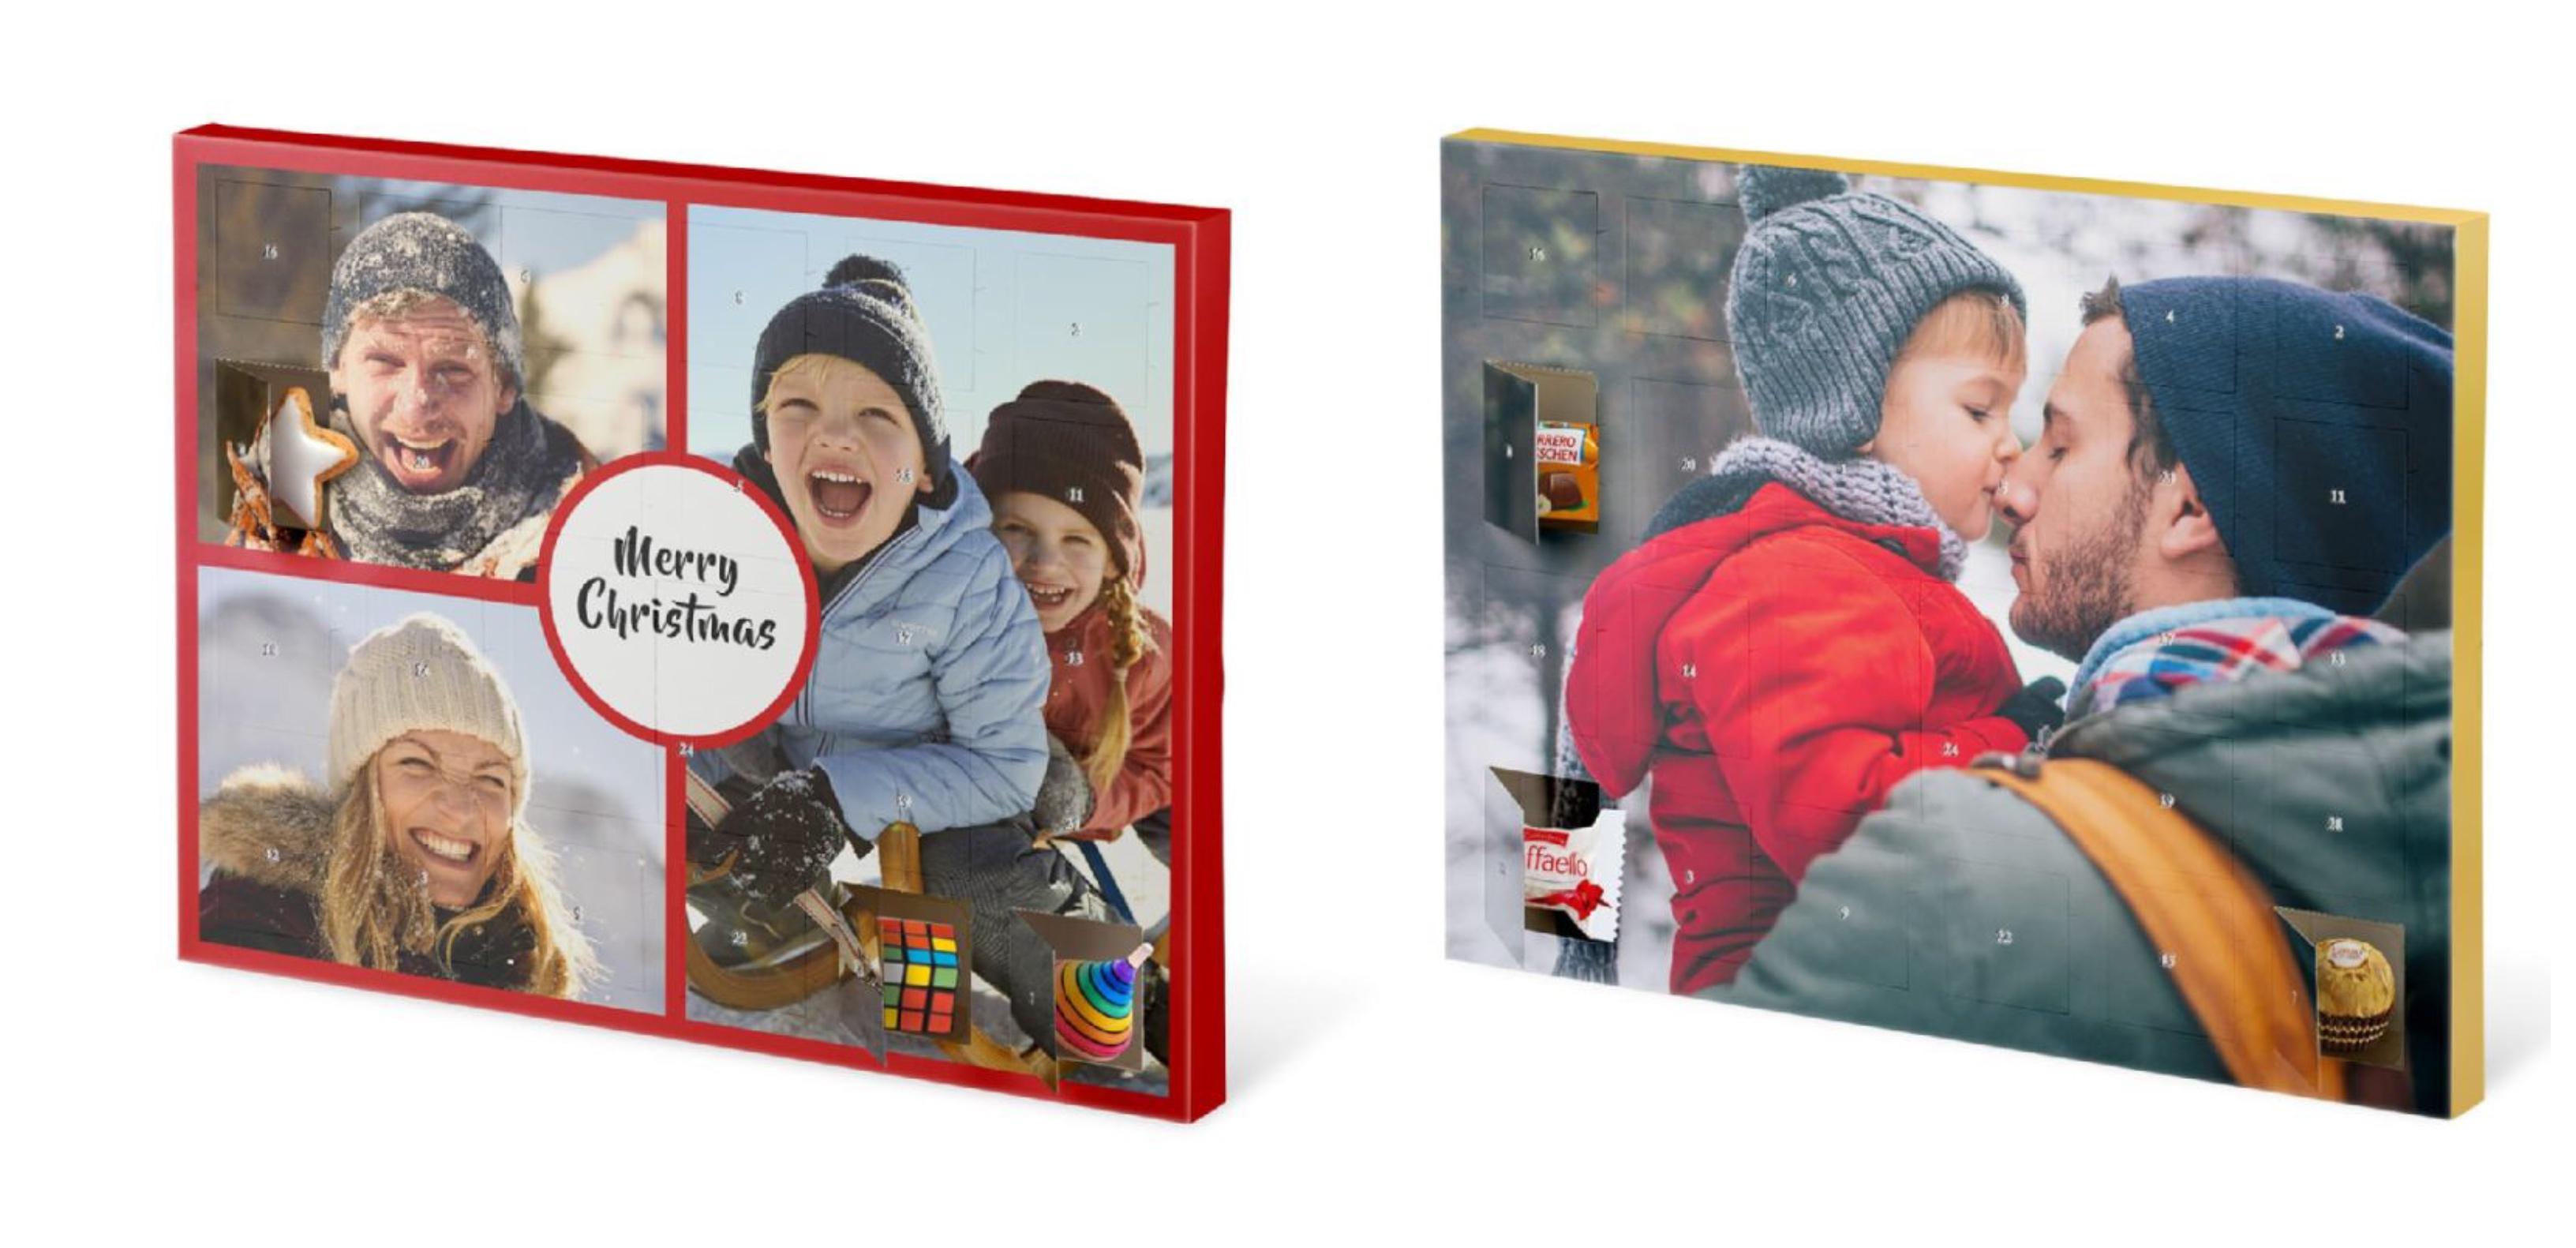 personlig julekalender med foto, personlig adventskalender med foto, personlig pakkekalender med foto, foto julekalender, foto pakkekalender, foto adventskalender, lav selv julekalender, lav selv pakkekalender, lav selv adventskalender, alletiders julekalender, julekalender til voksne, 2020, julekalender til børn 2020, julekalender med billede, pakkekalender med billede, adventskalender med billede, chokolade julekalender til voksne, alletiders gave, personlige gaver, fotogaver, gaveinspiration, julekalender til mor, julekalender til far, julekalender til hele familien, julekalender til bror, julekalender til søster, julekalender til bedsteforældre, julekalender til veninde, årets julekalender 2020, personlig julekalender med billeder, personlig julekalender til ham, personlig julekalender til hende